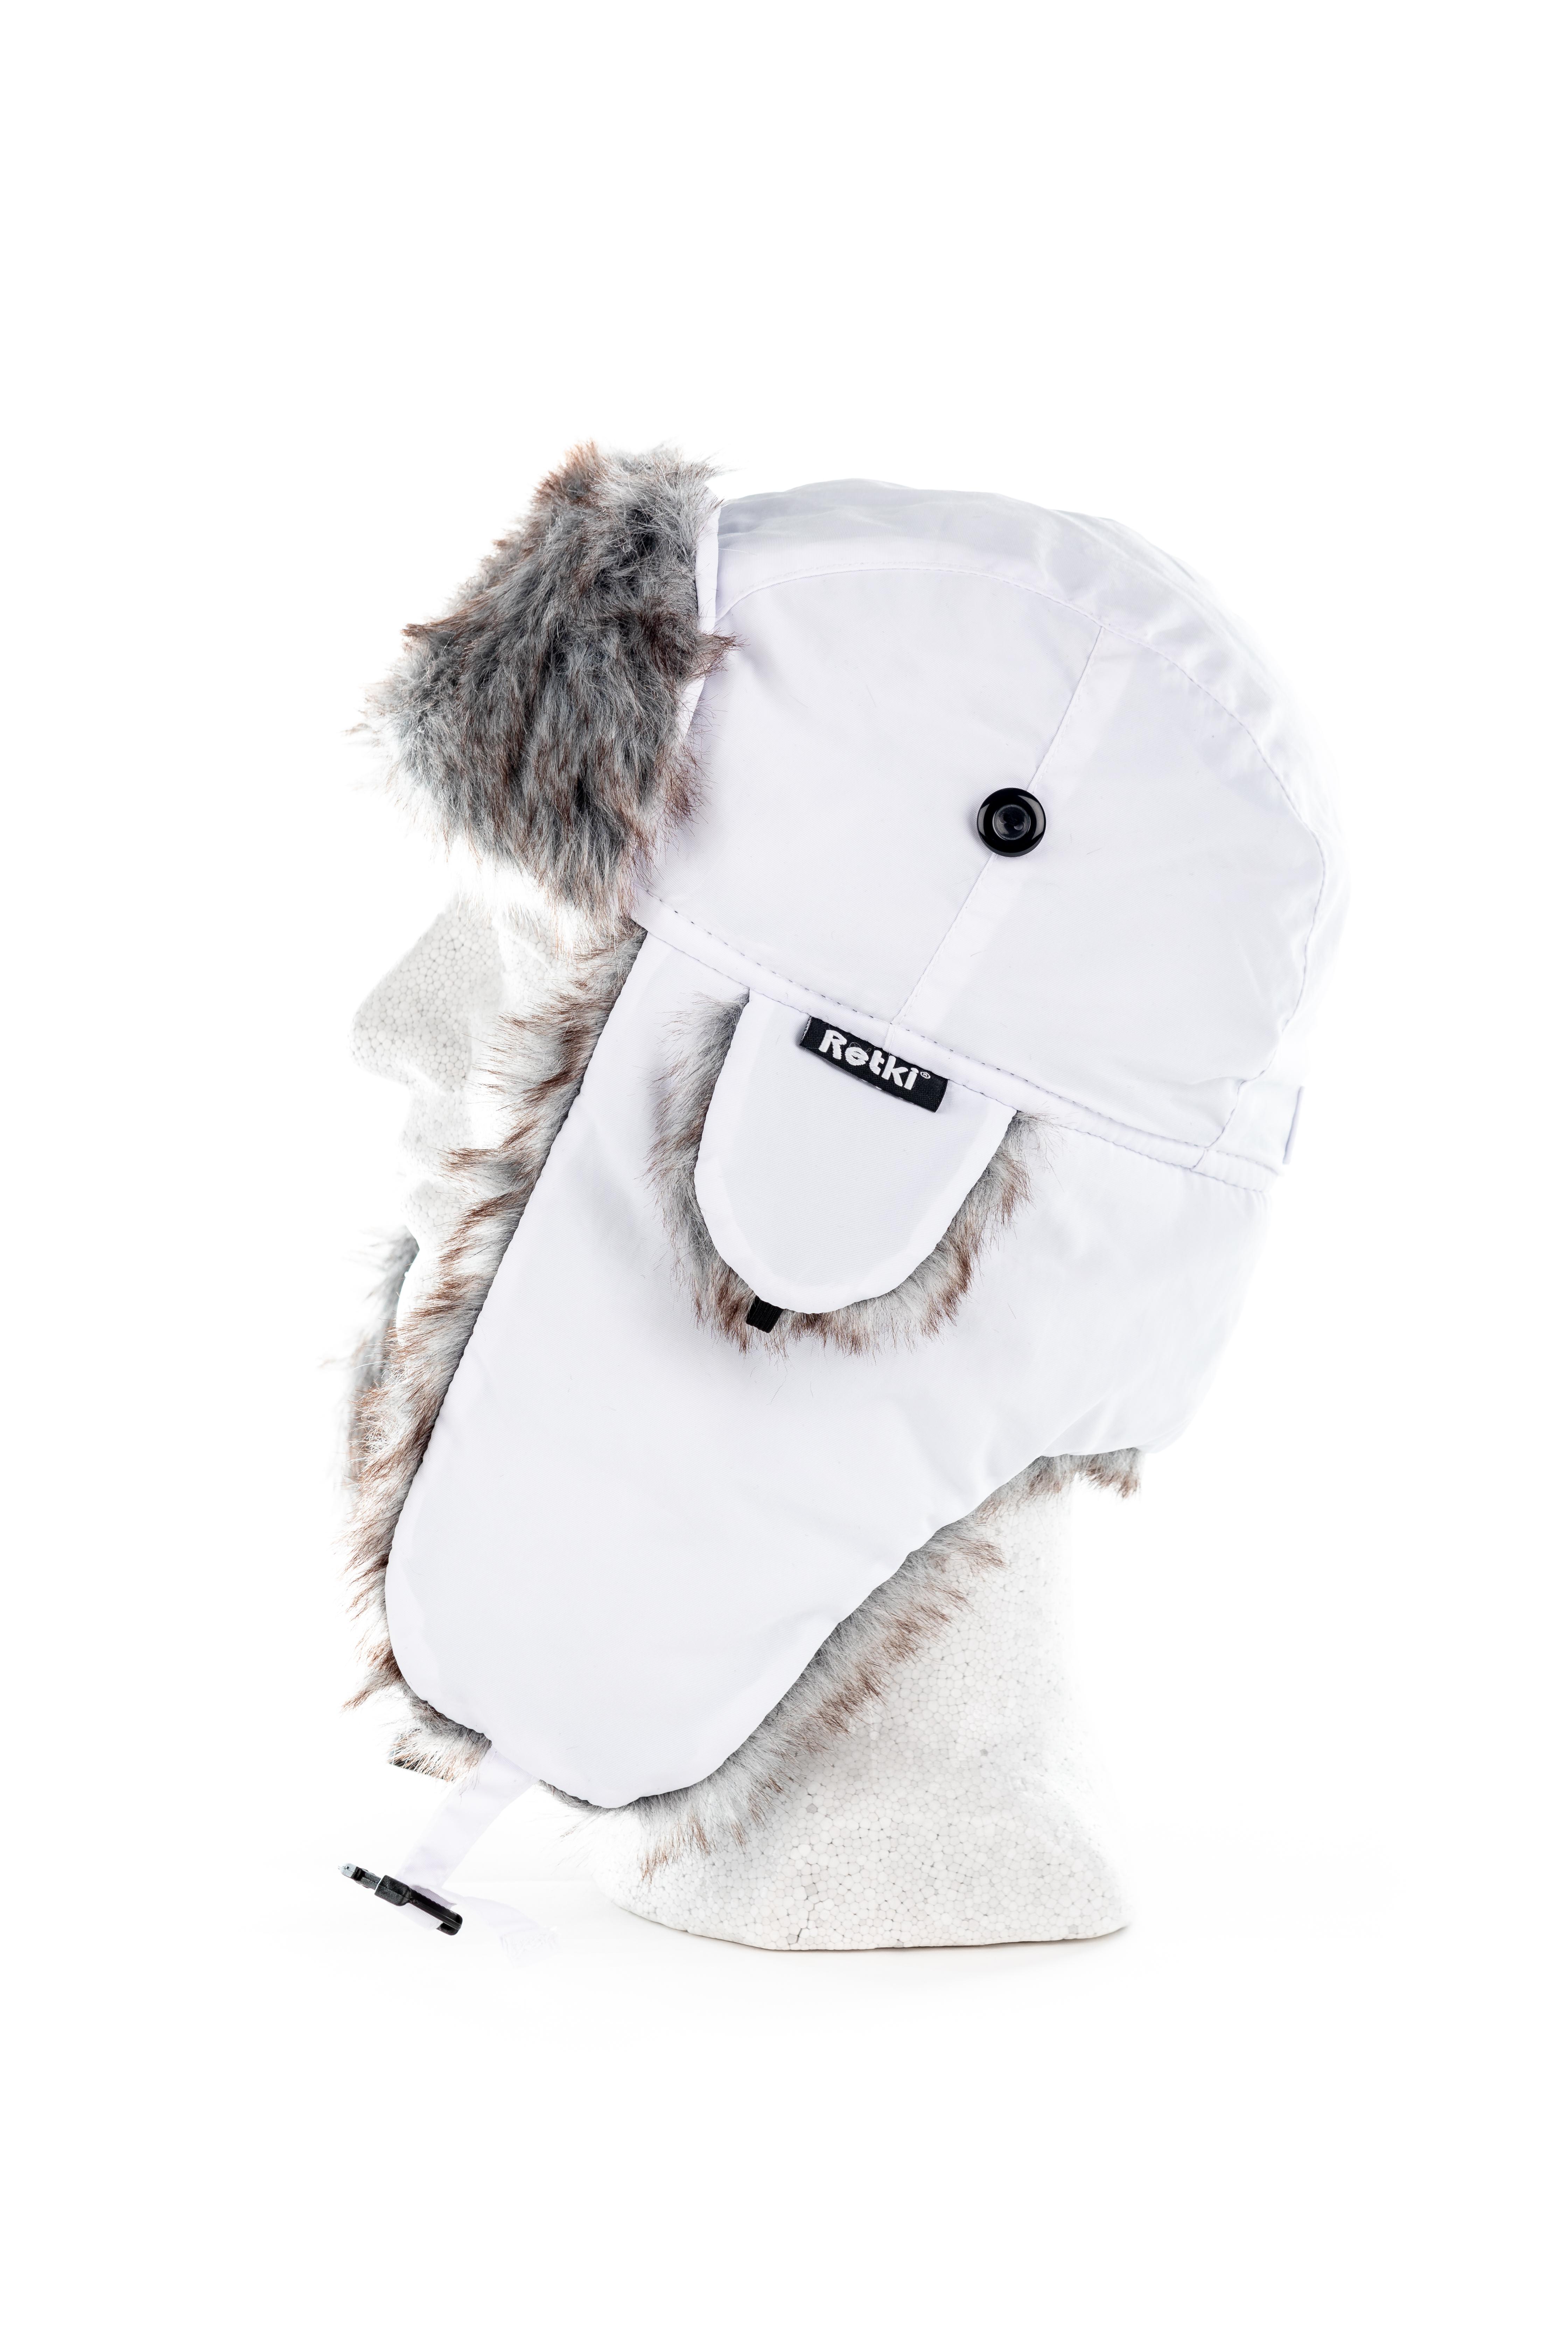 Retki karvahattu valkoinen 3d608892b2